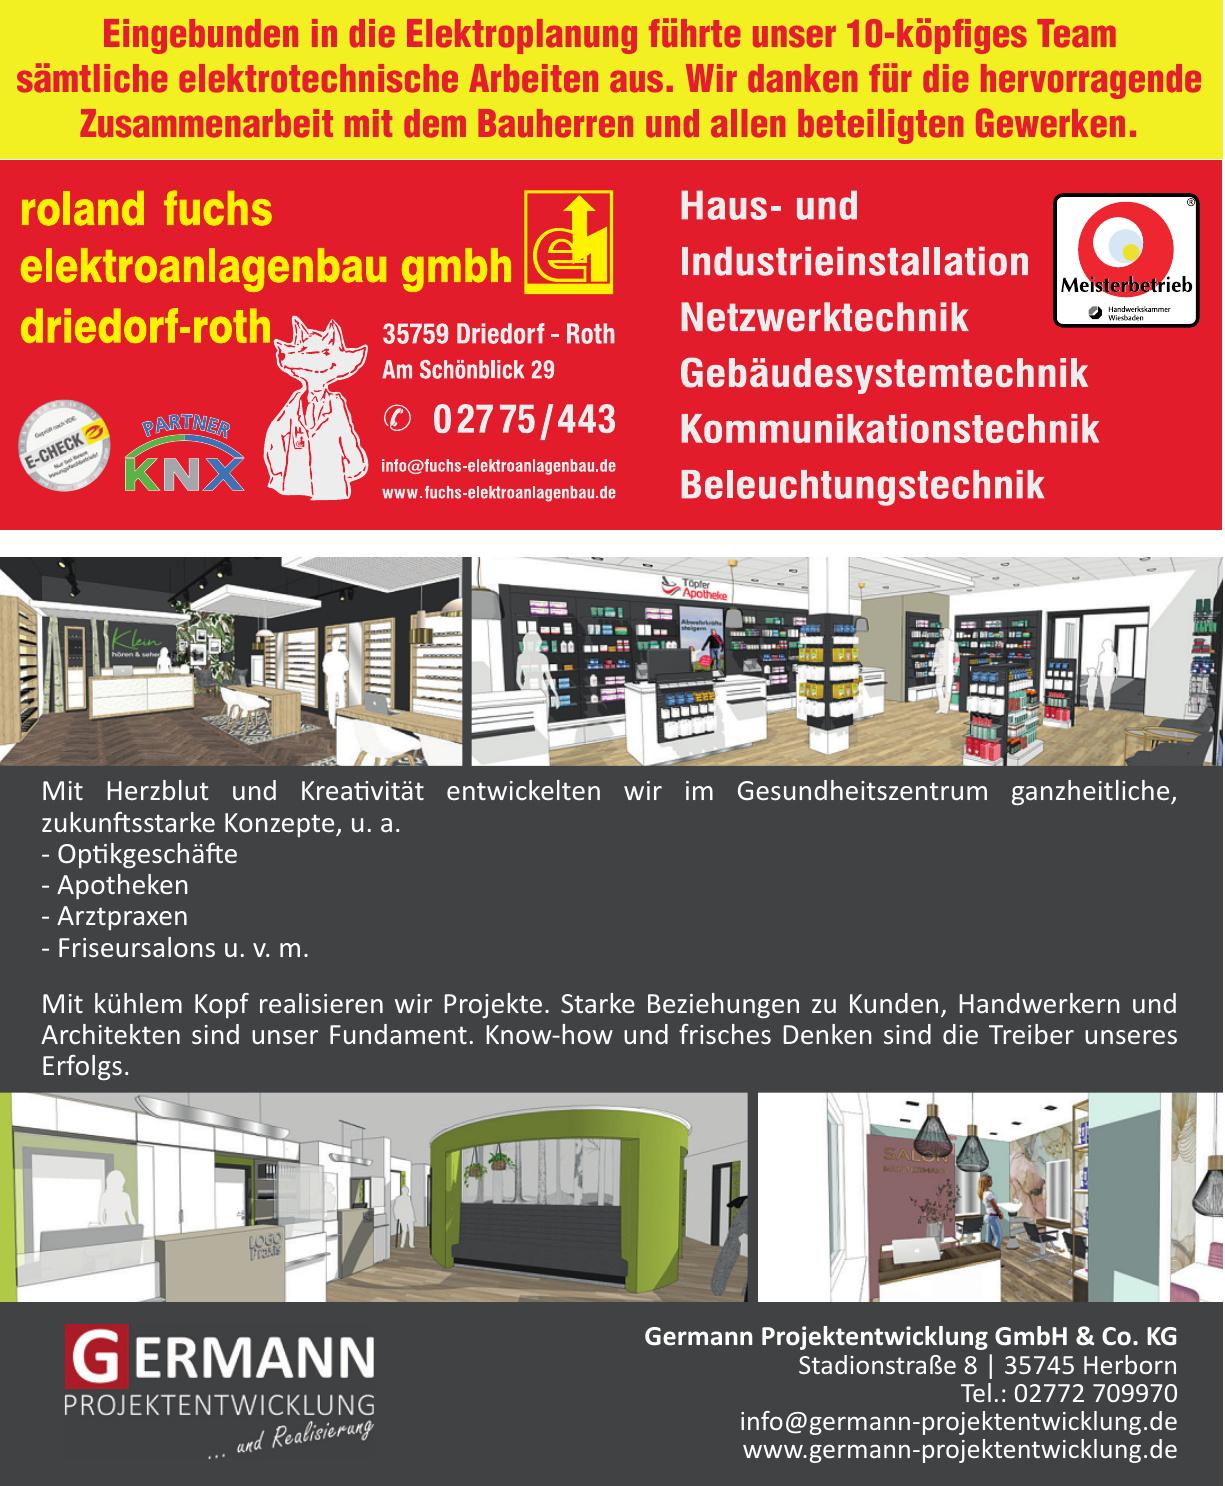 Germann Projektentwicklung GmbH & Co. KG